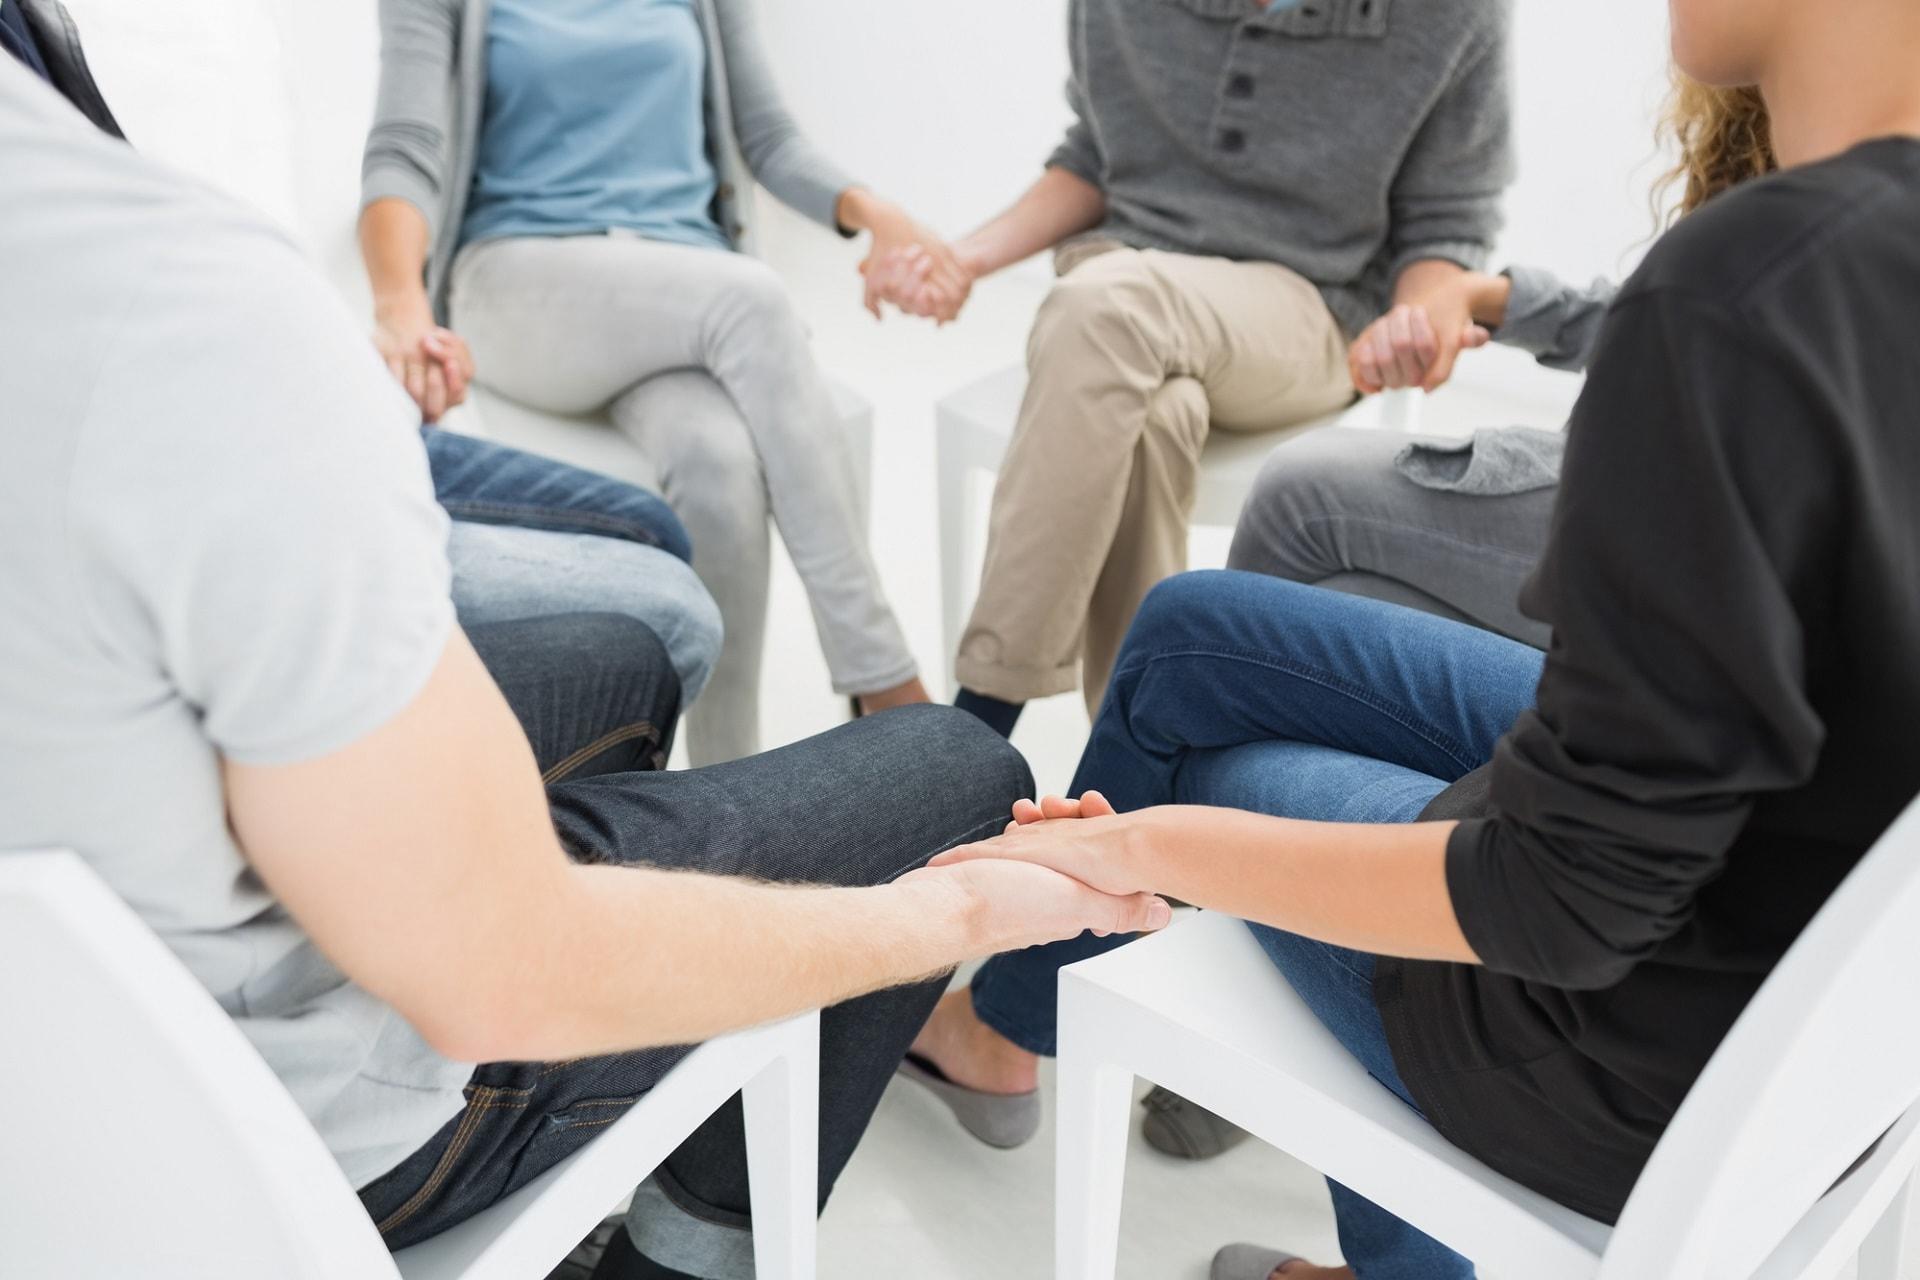 Что такое центр реабилитации наркоманов?